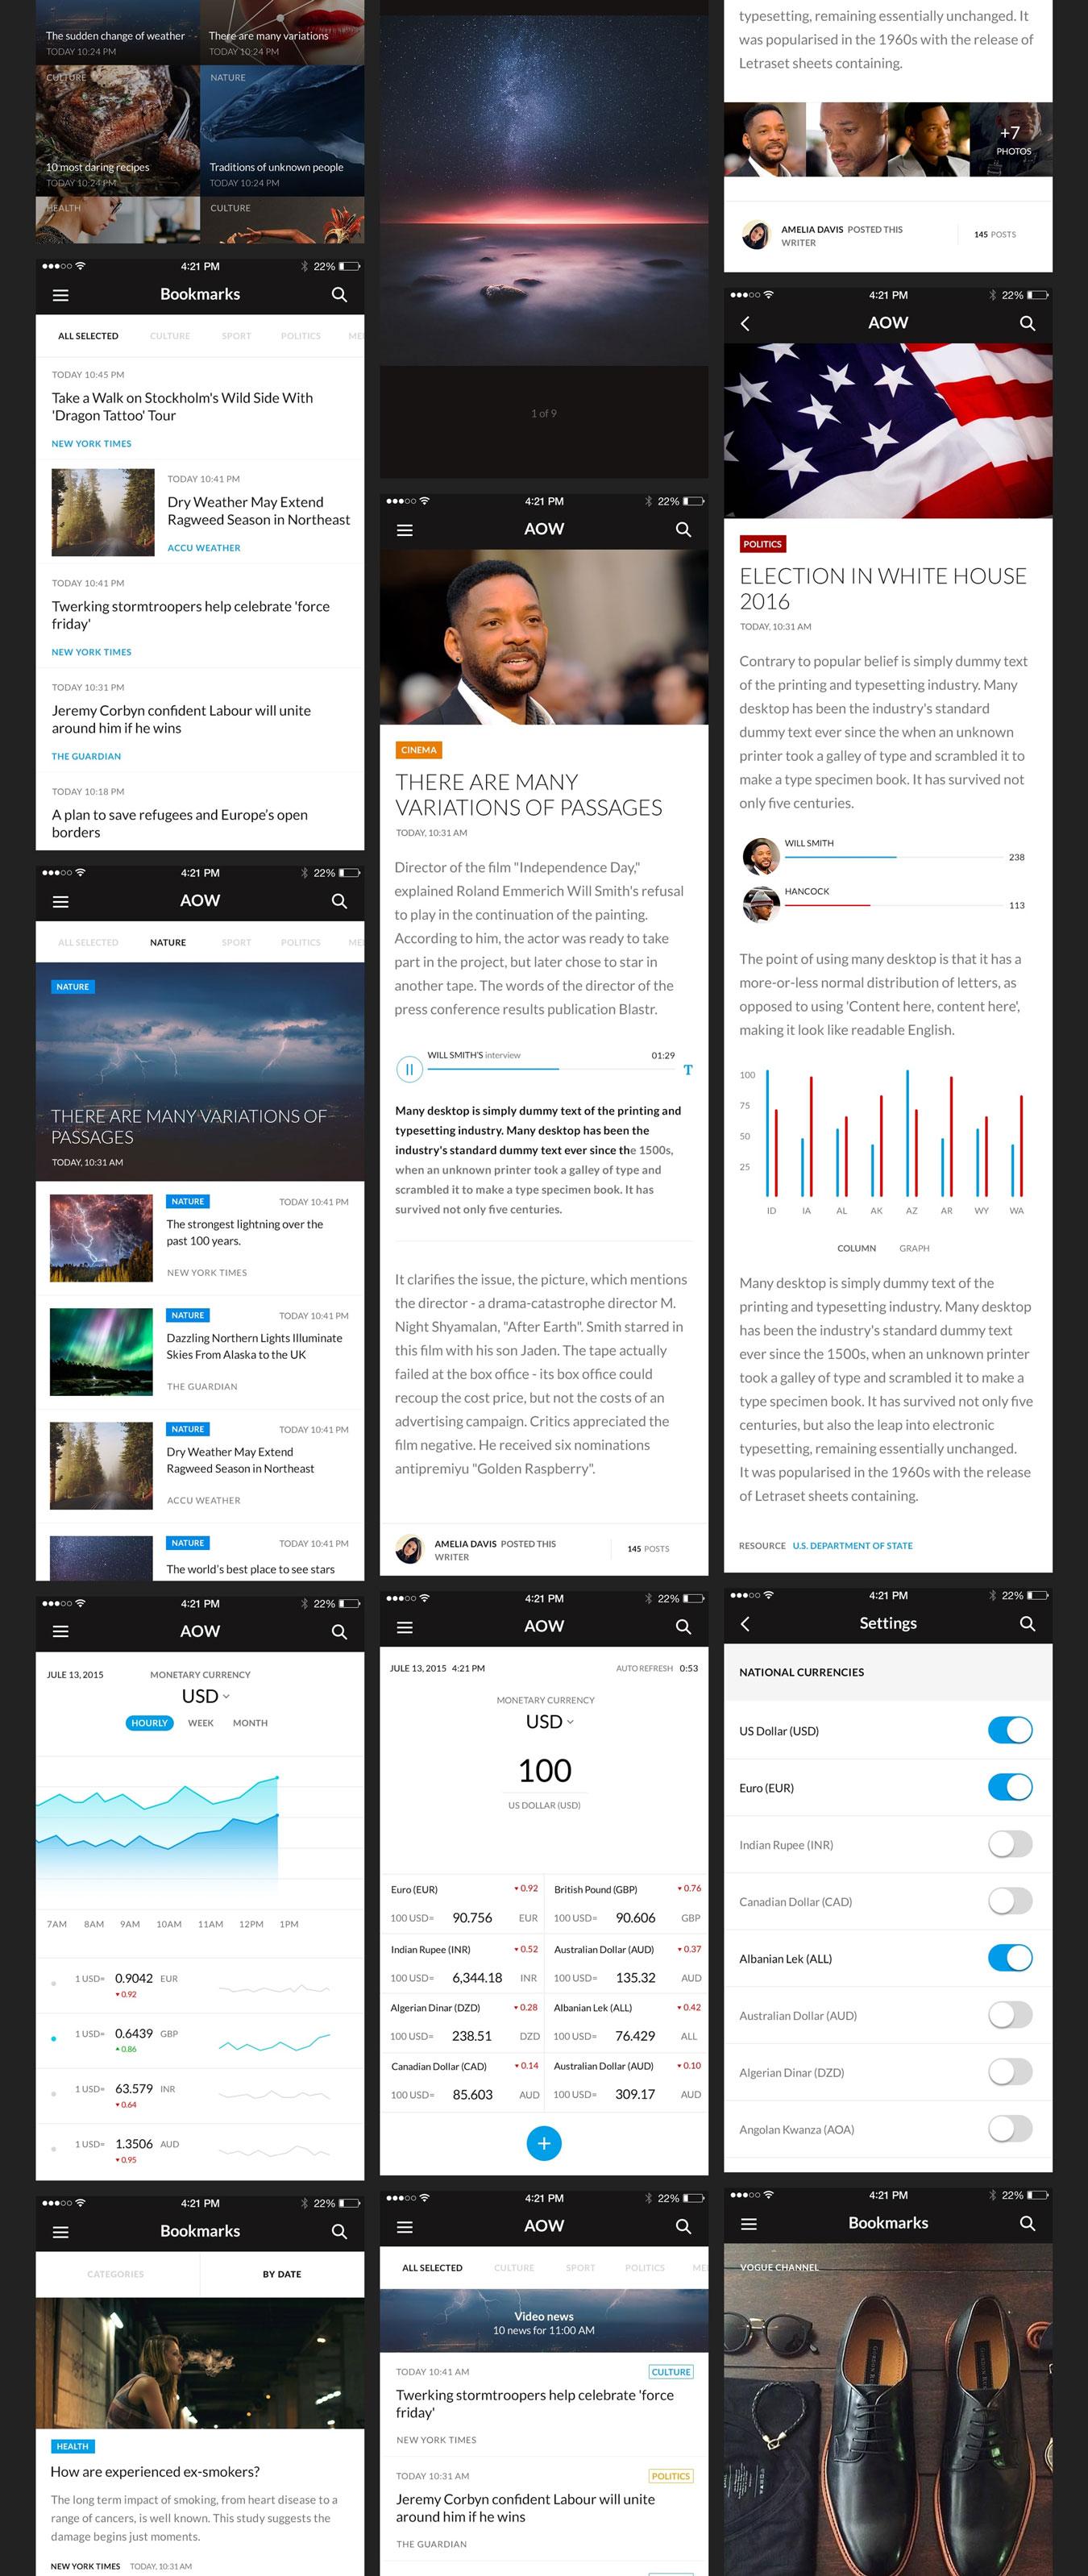 多功能音乐社交电子商城iOS APP UI设计模板套件 AOW UI Kit插图(2)